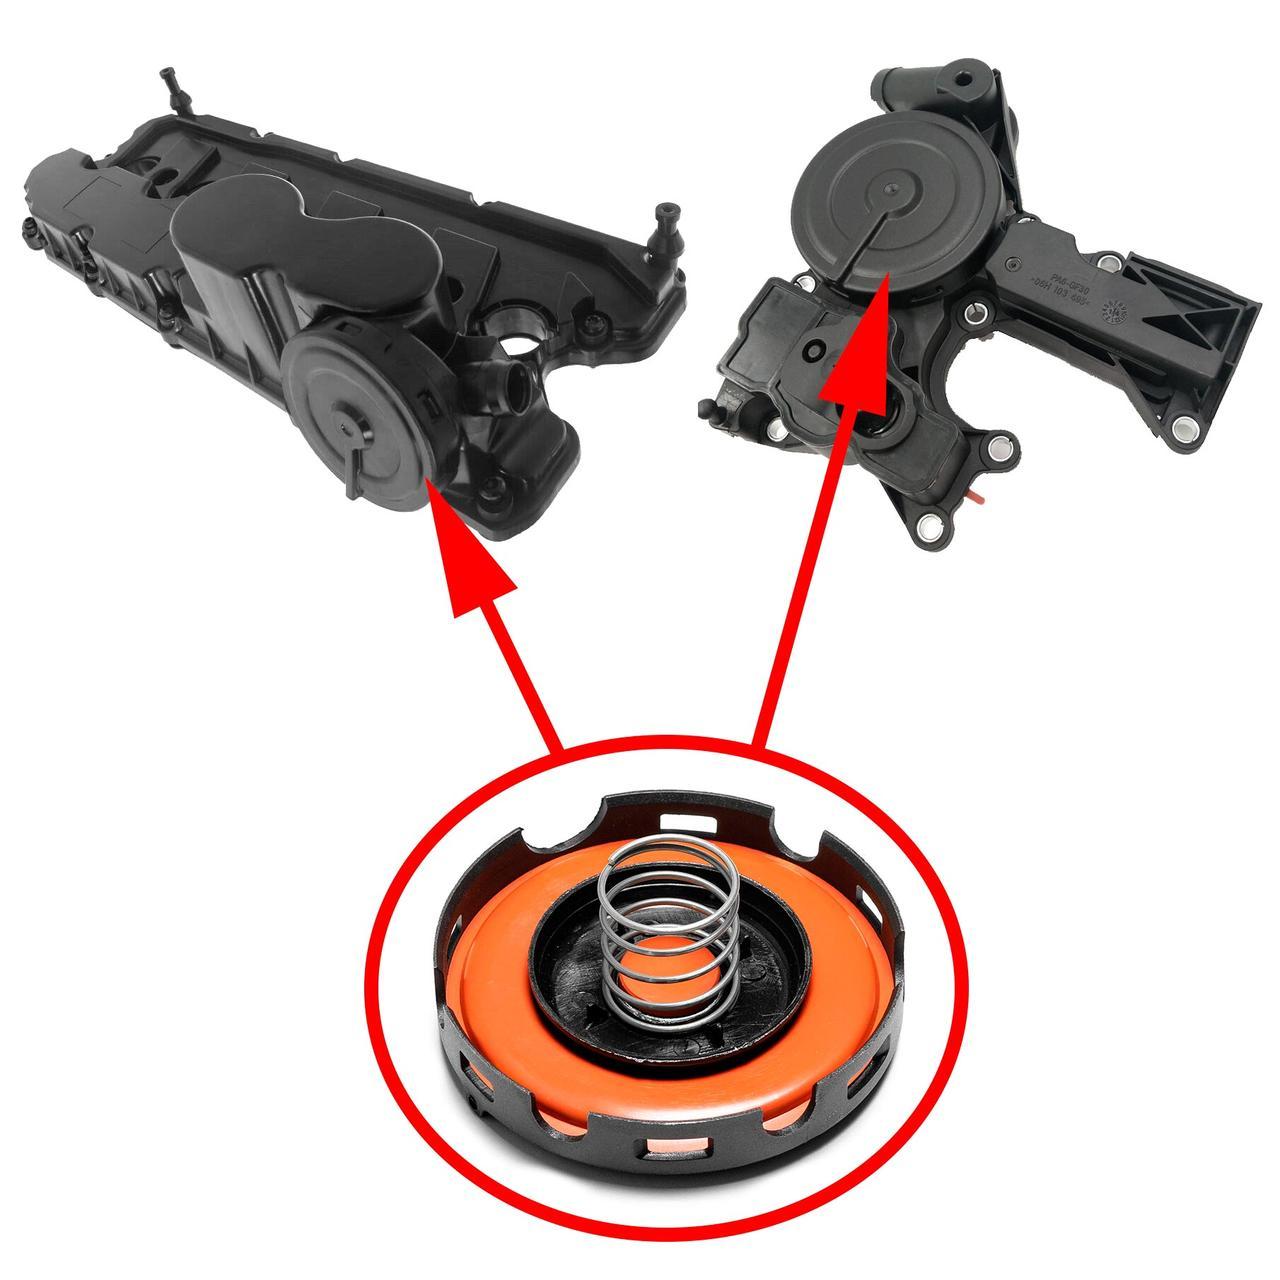 Клапан вентиляції картерних газів для VAG 1.8 / 2.0 / 2.5 TSI TFSI 06H103495